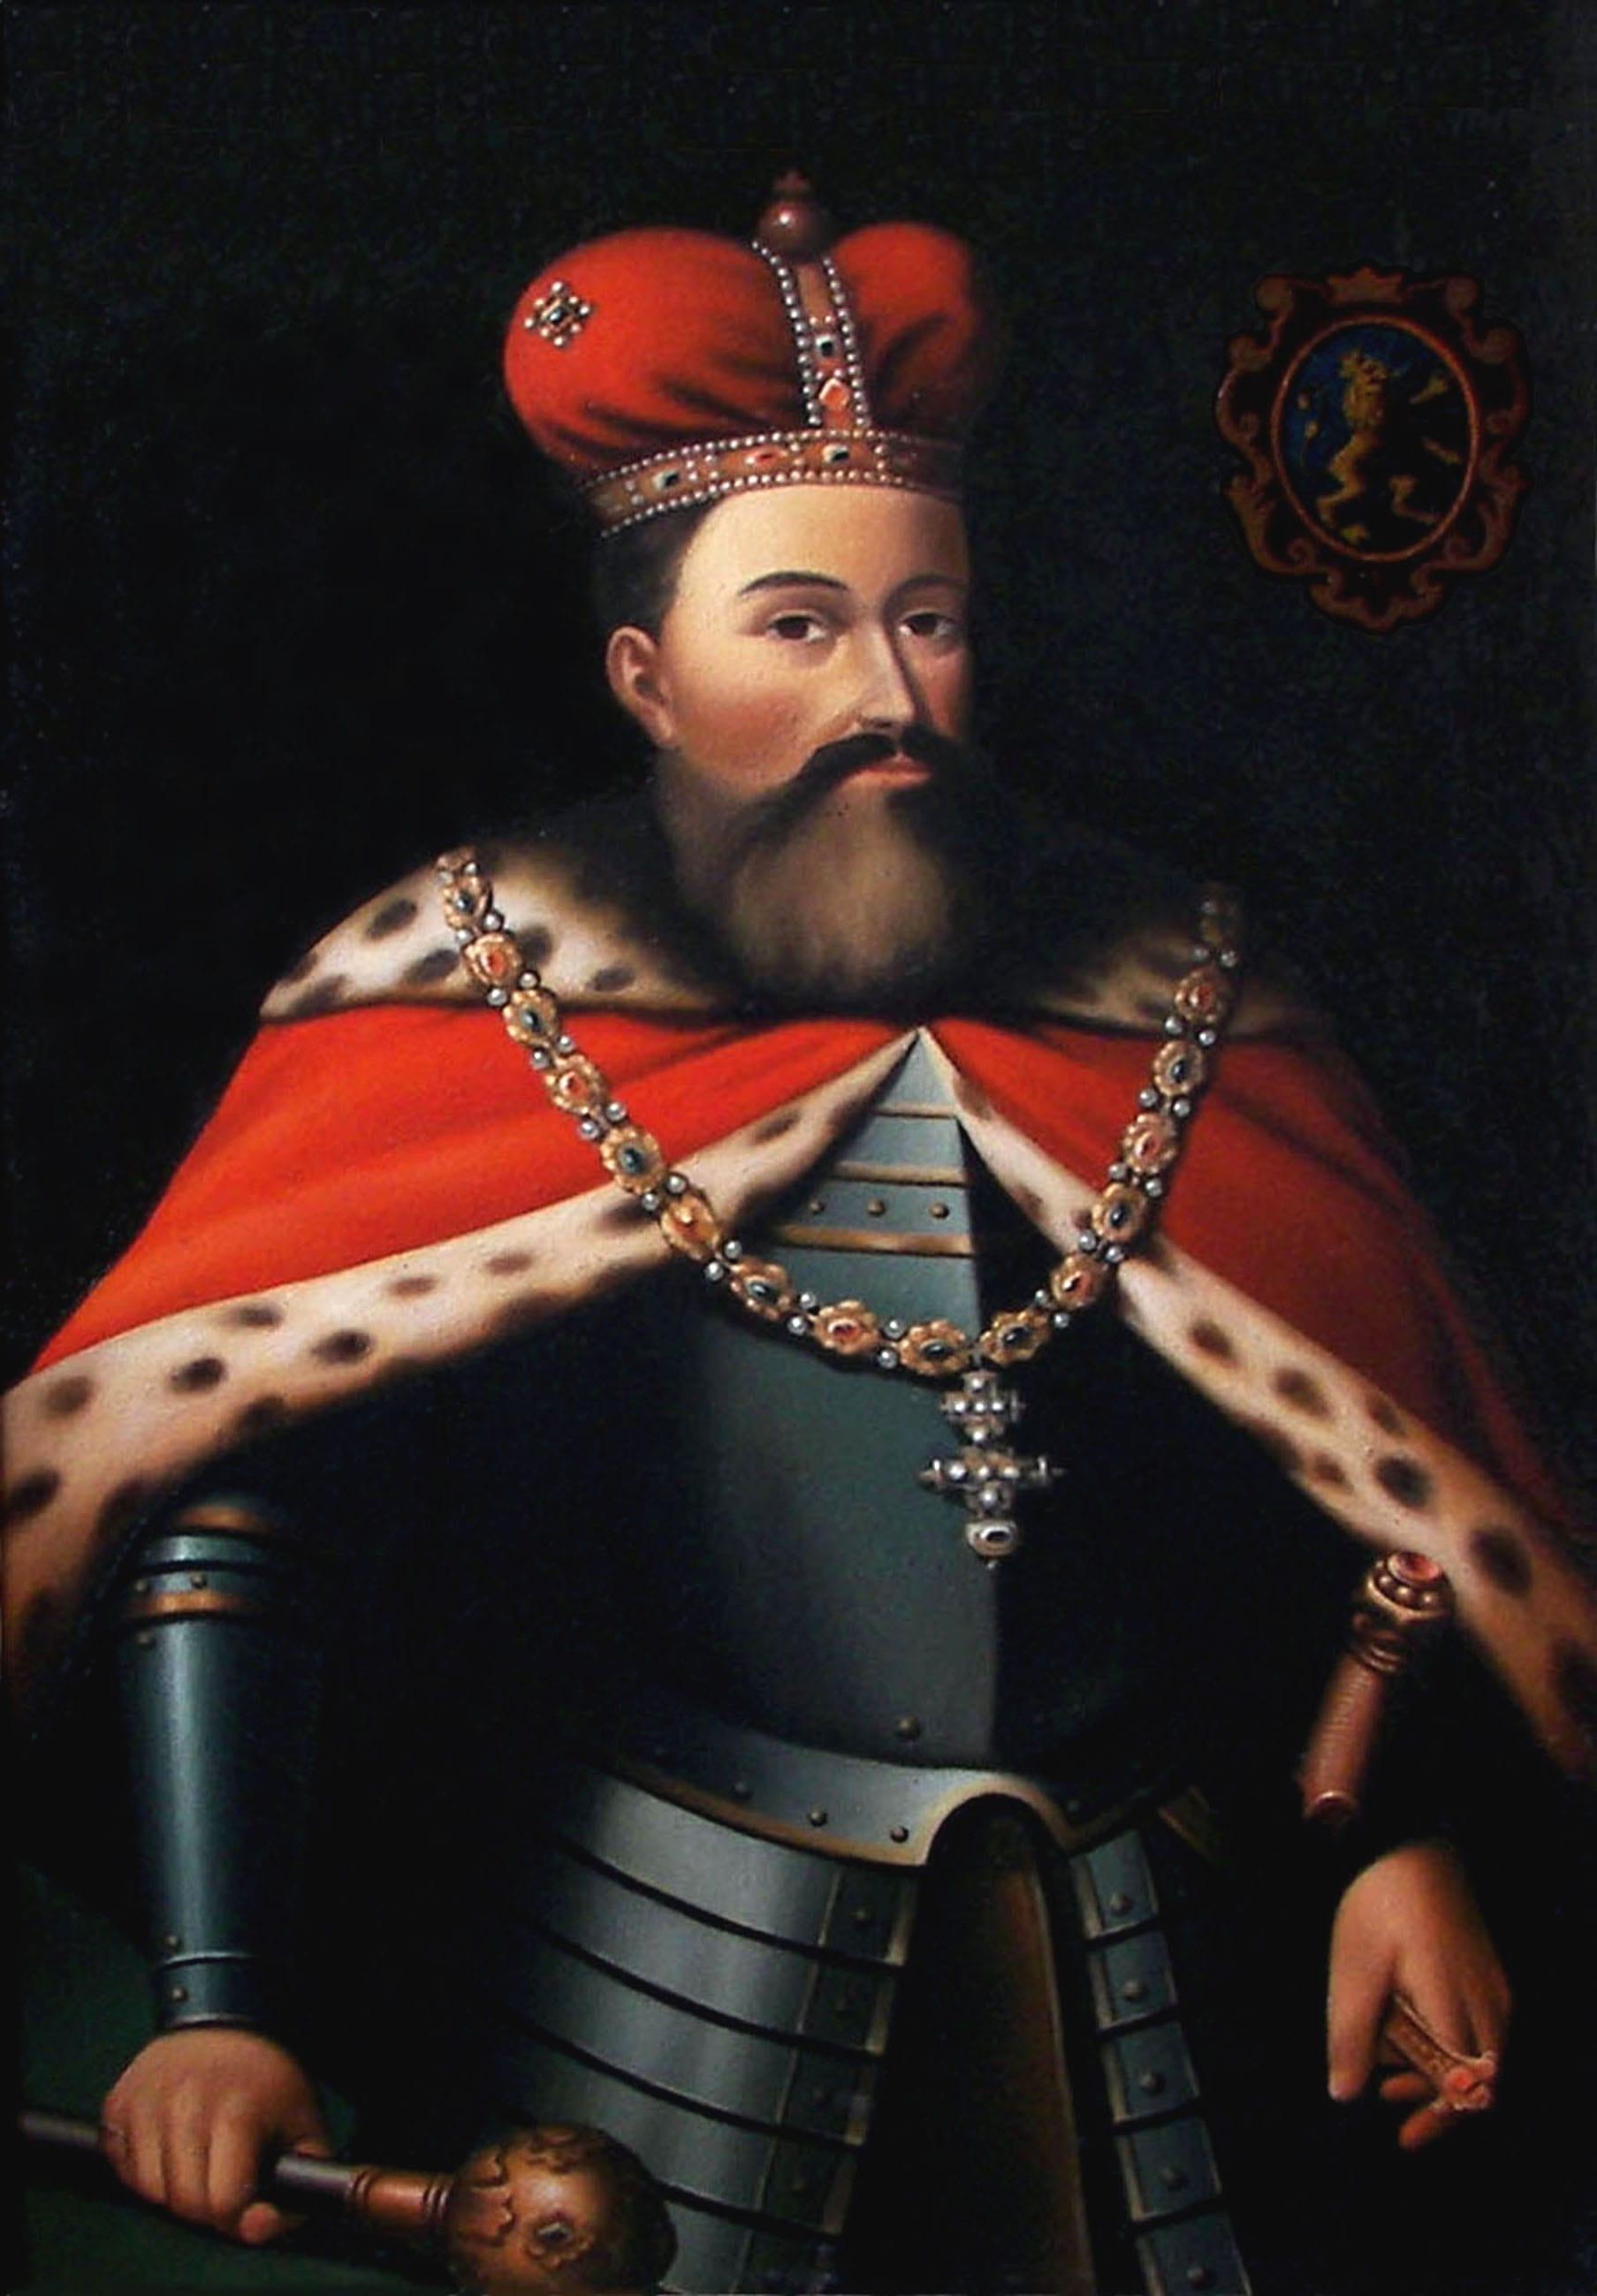 Лев Данилович Галицкий - один из предполагаемых основателей Могилева